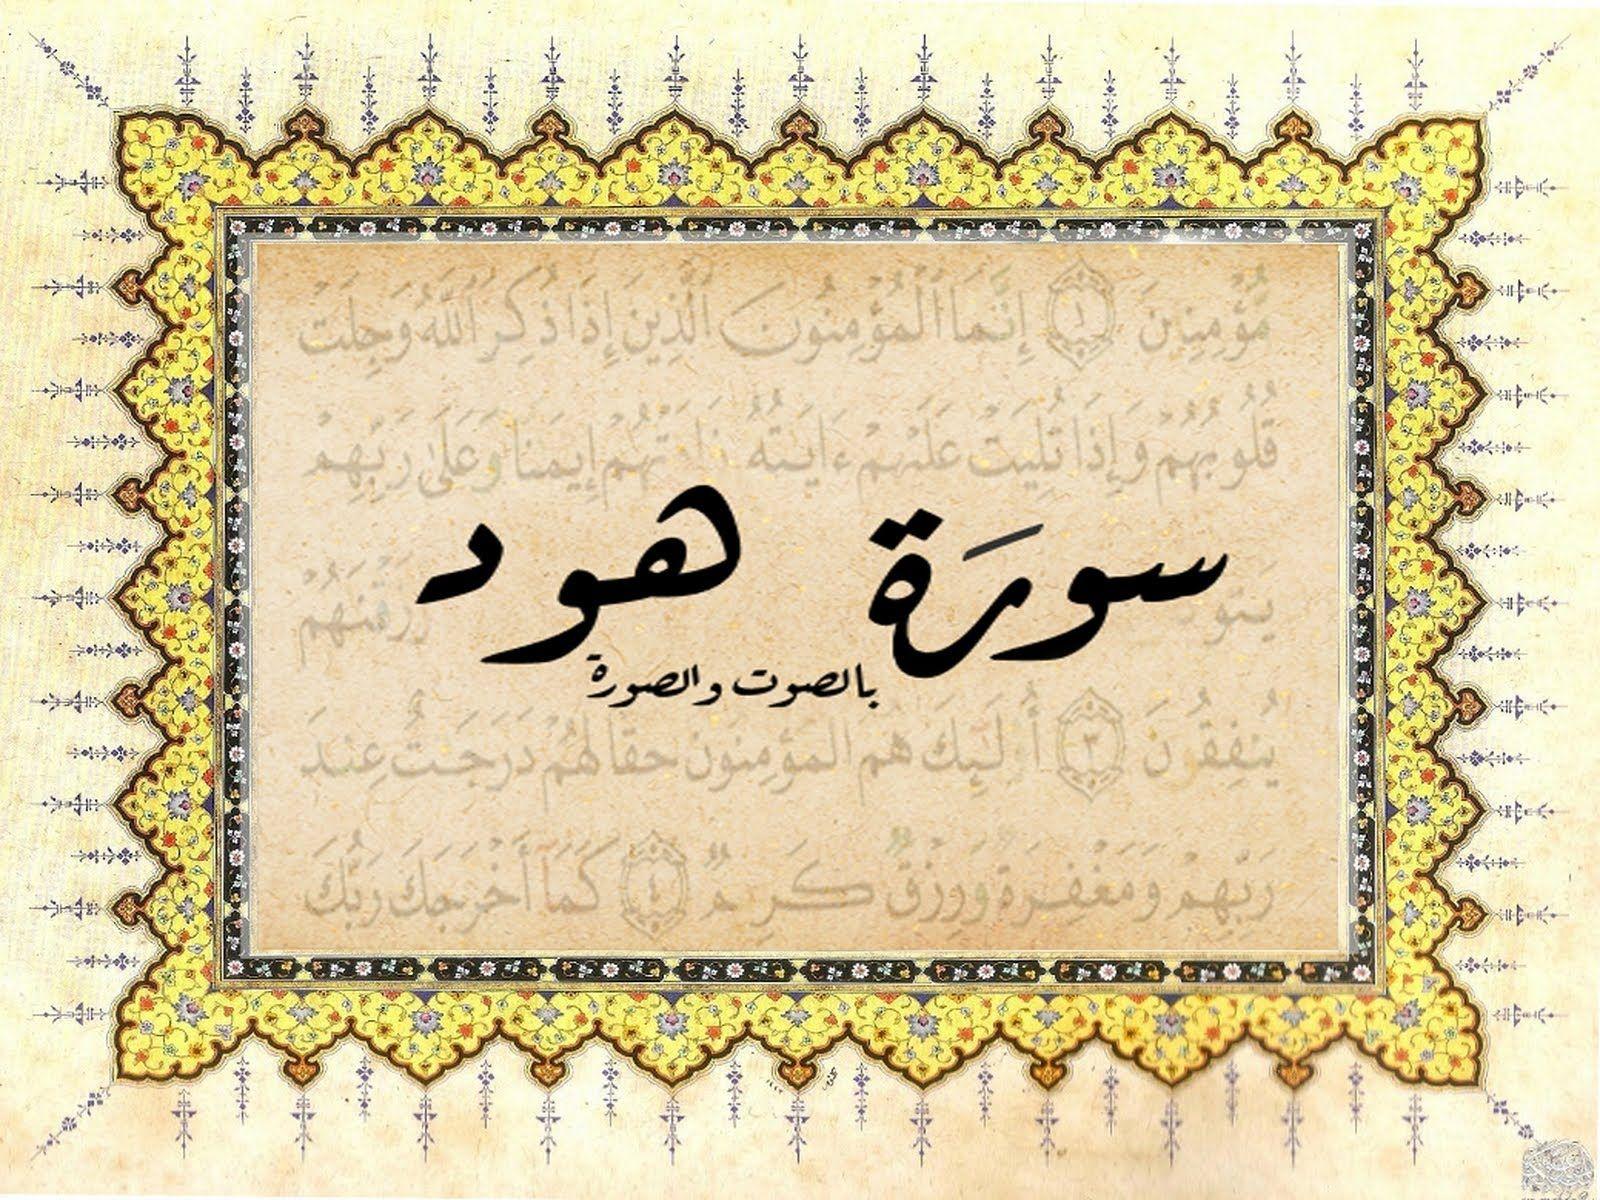 سورة هود أسطر Http Www Holyquran Net Cgi Bin Prepare Pl Ch 11 Holy Quran Art Arabic Calligraphy